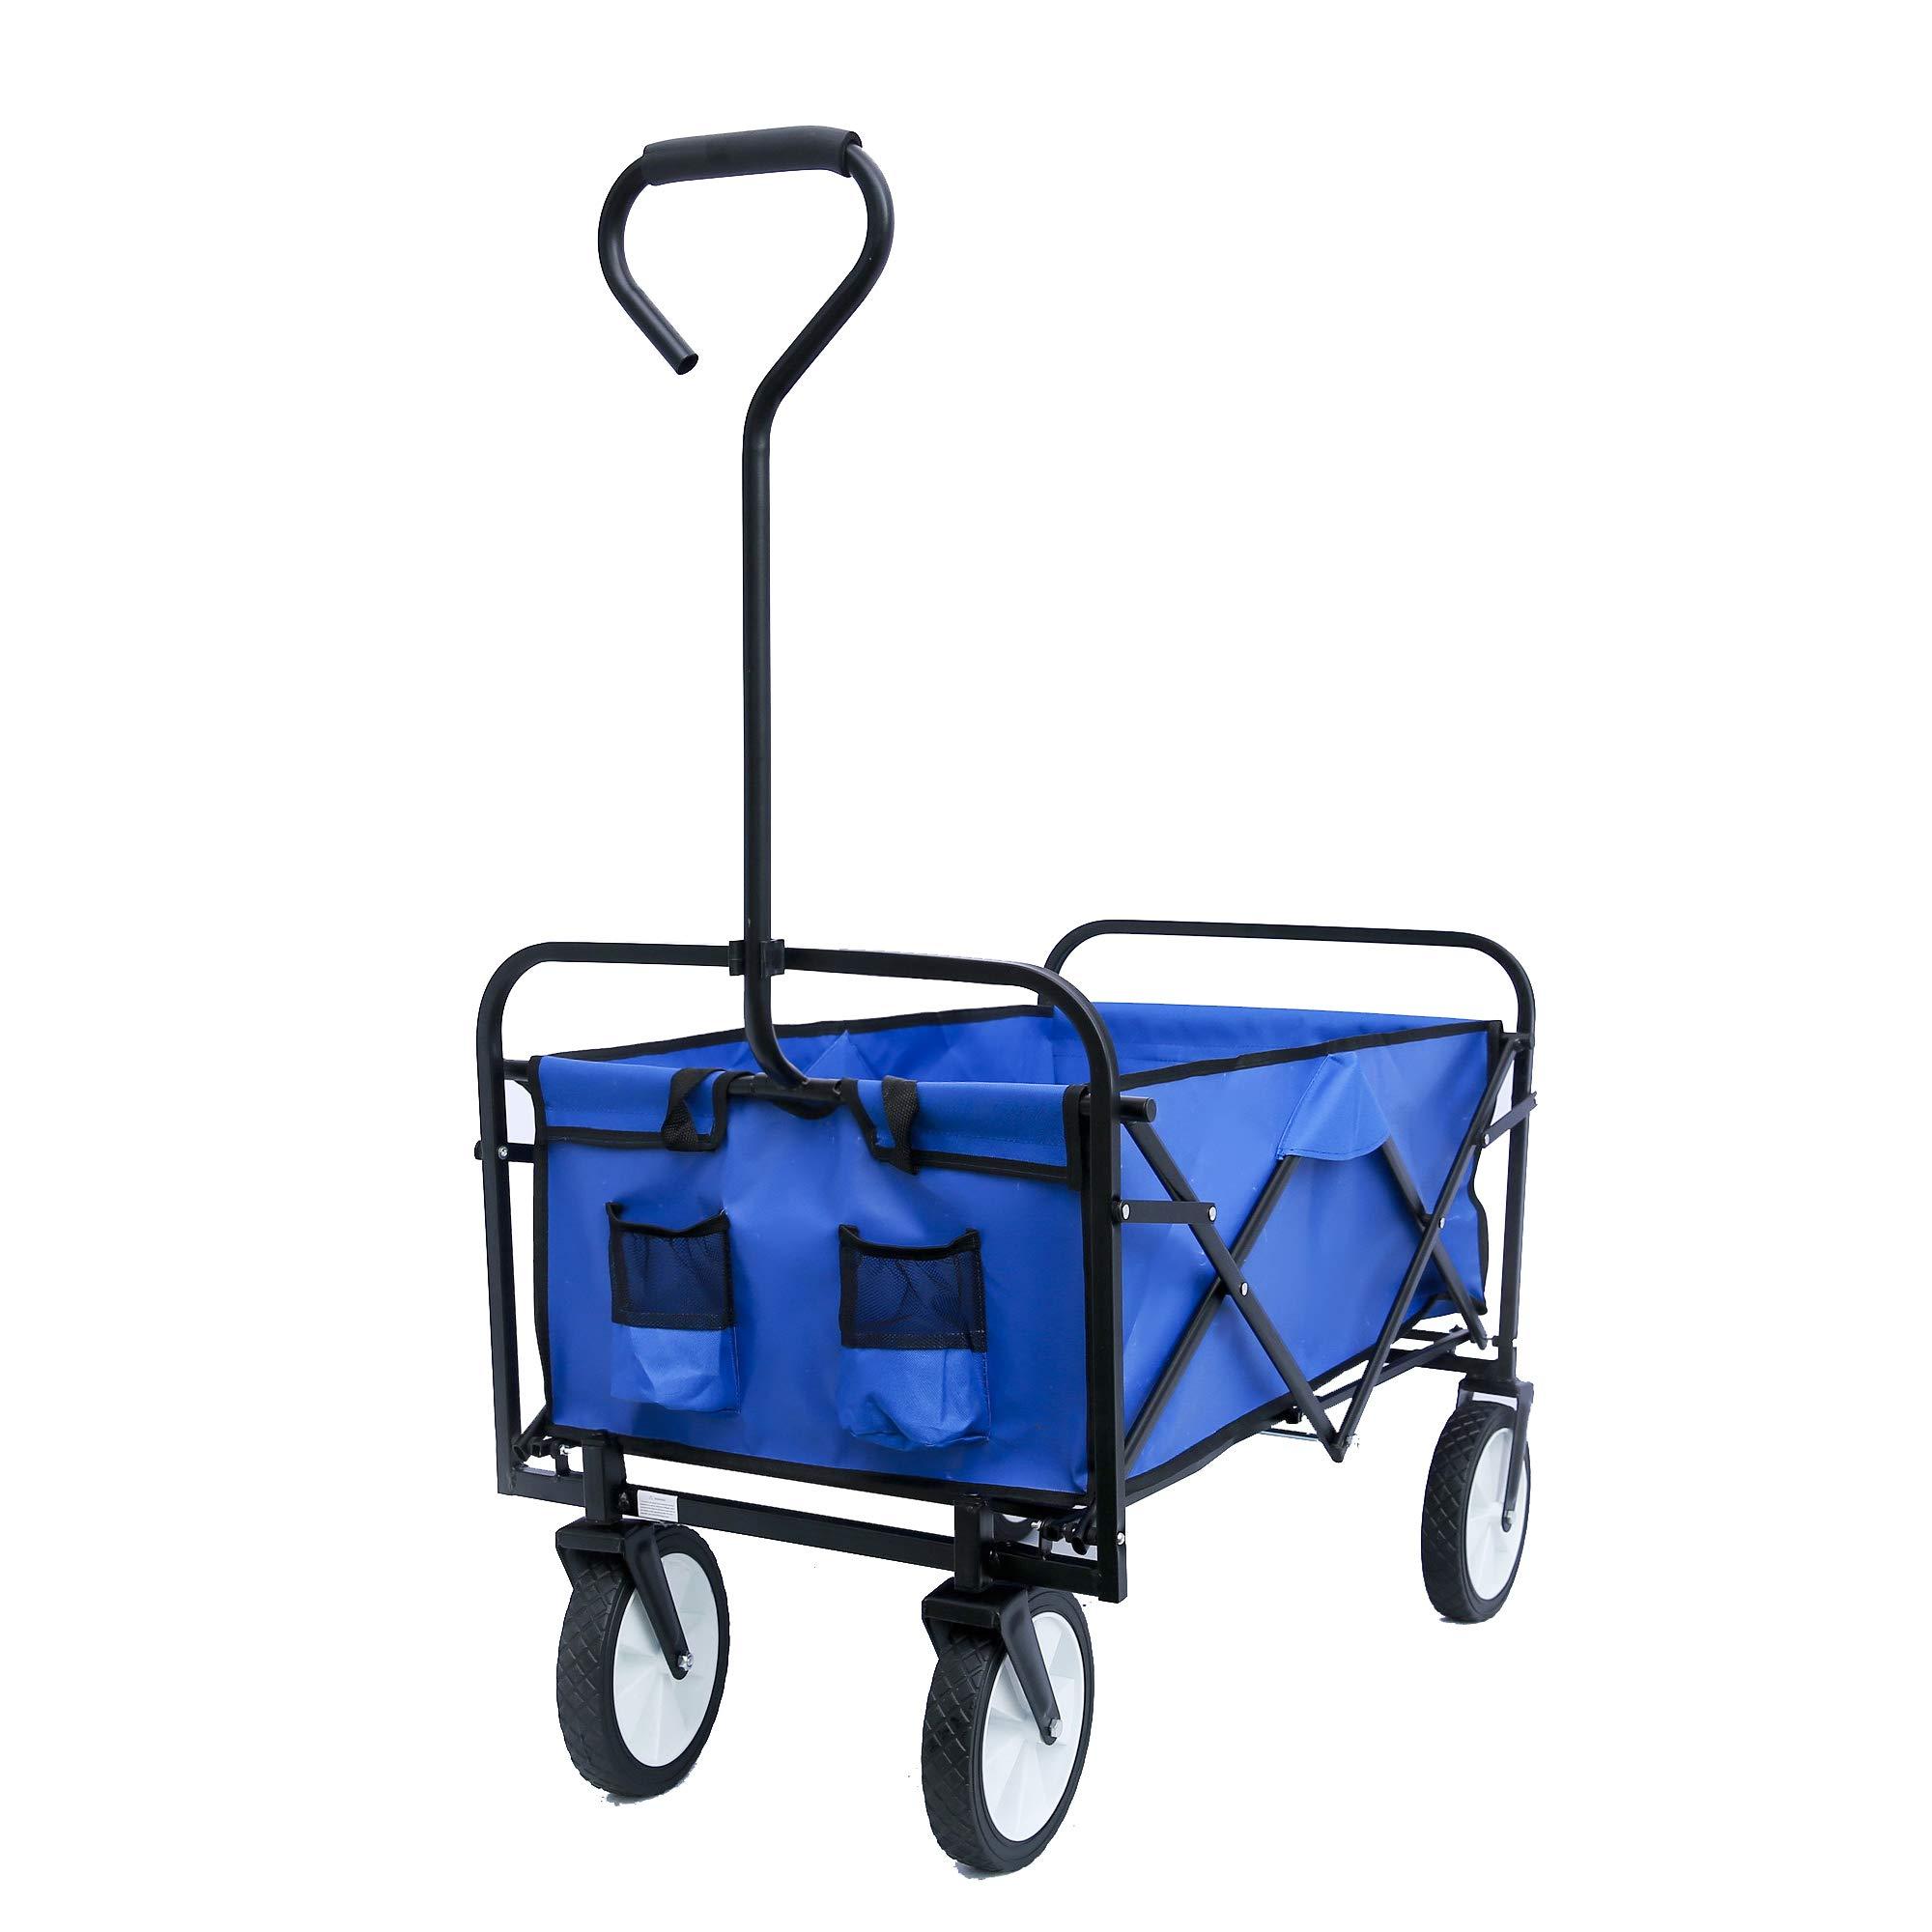 Awlstar Collapsible Folding Wagon Outdoor Utility Wagon Garden Shopping Cart (Blue)